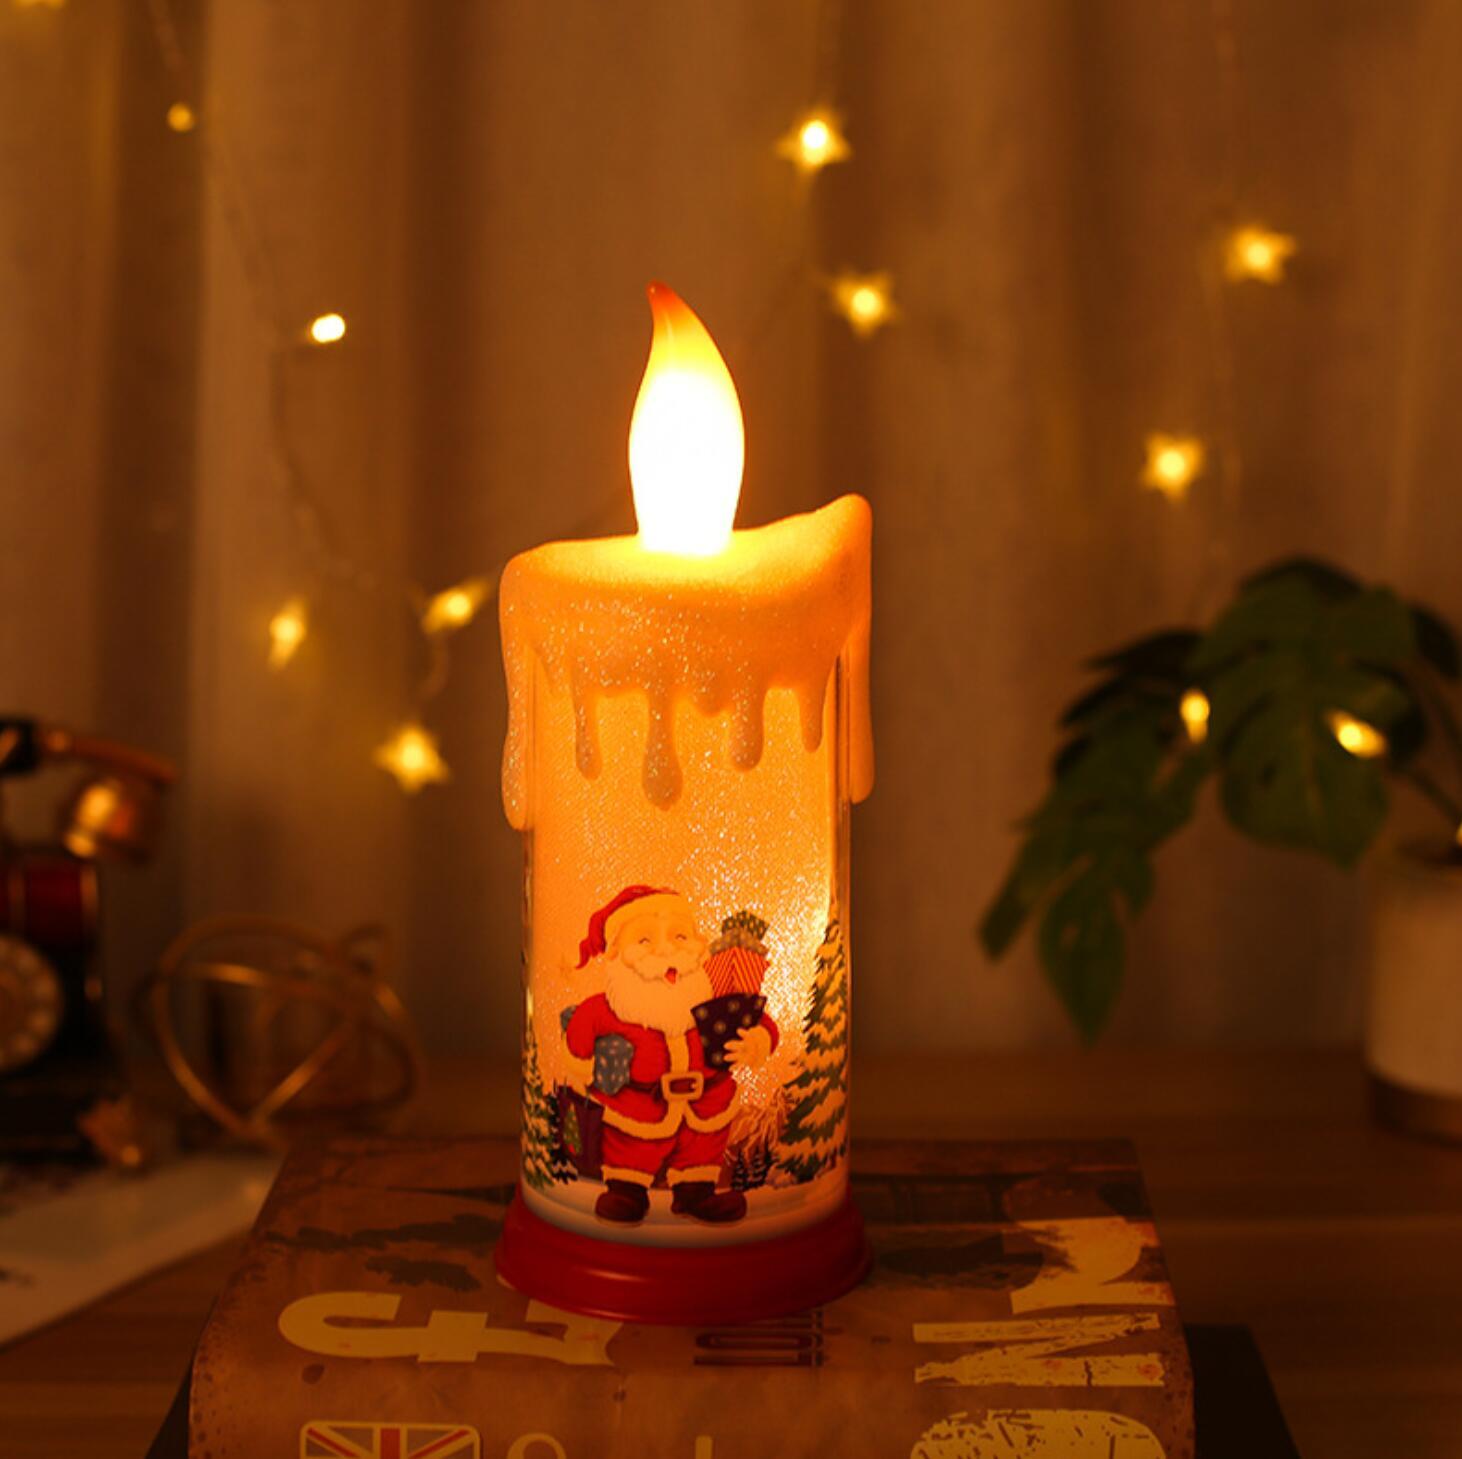 شمعة الإلكترونية محاكاة شمعة مصباح الليل عيد الميلاد الإبداع